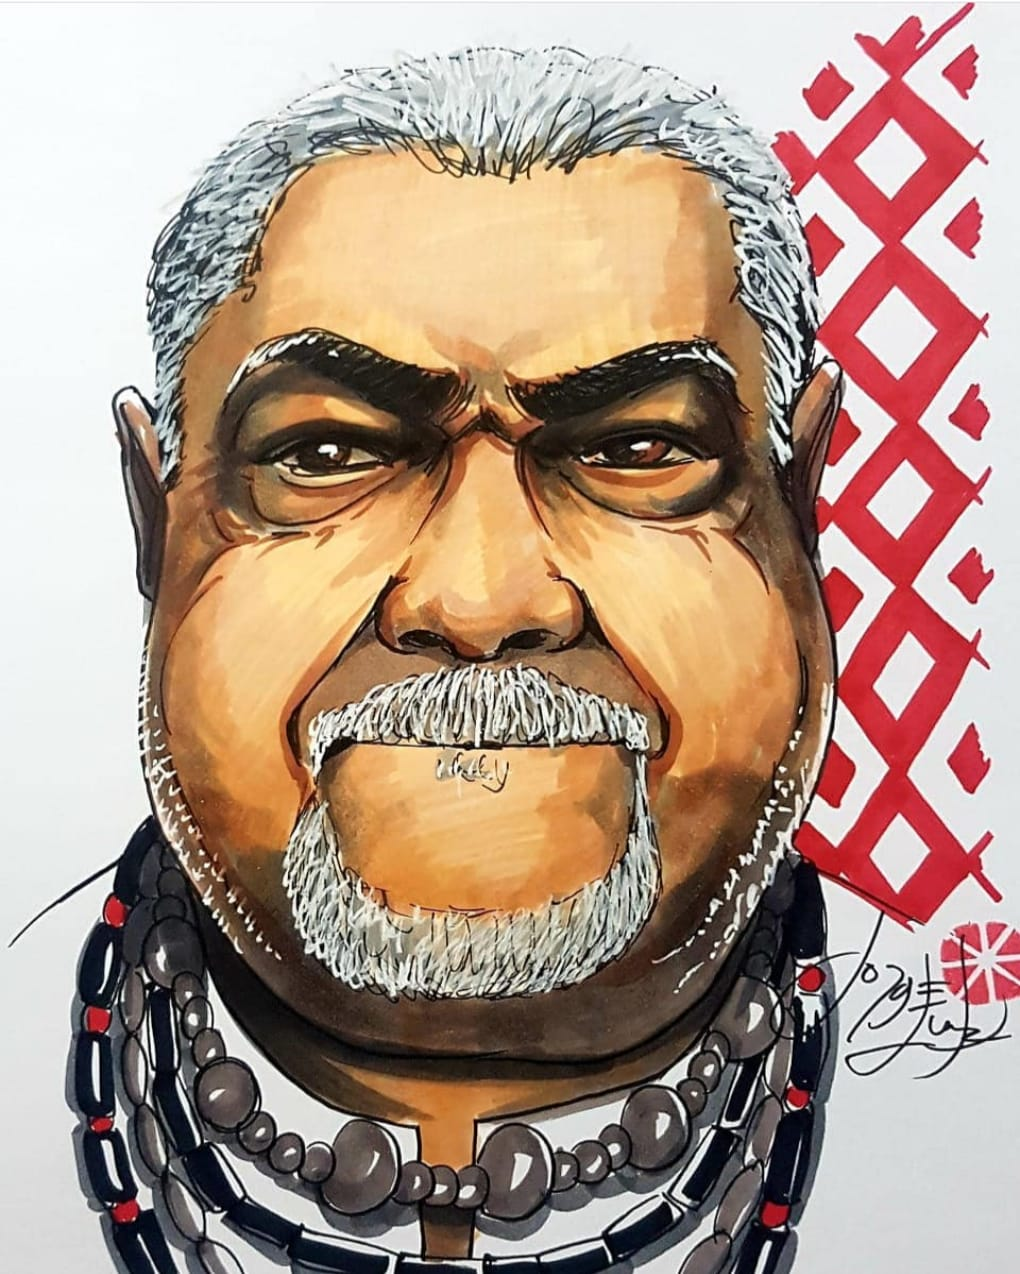 Caricatura em homenagem ao ex-diretor de Carnaval, Laíla